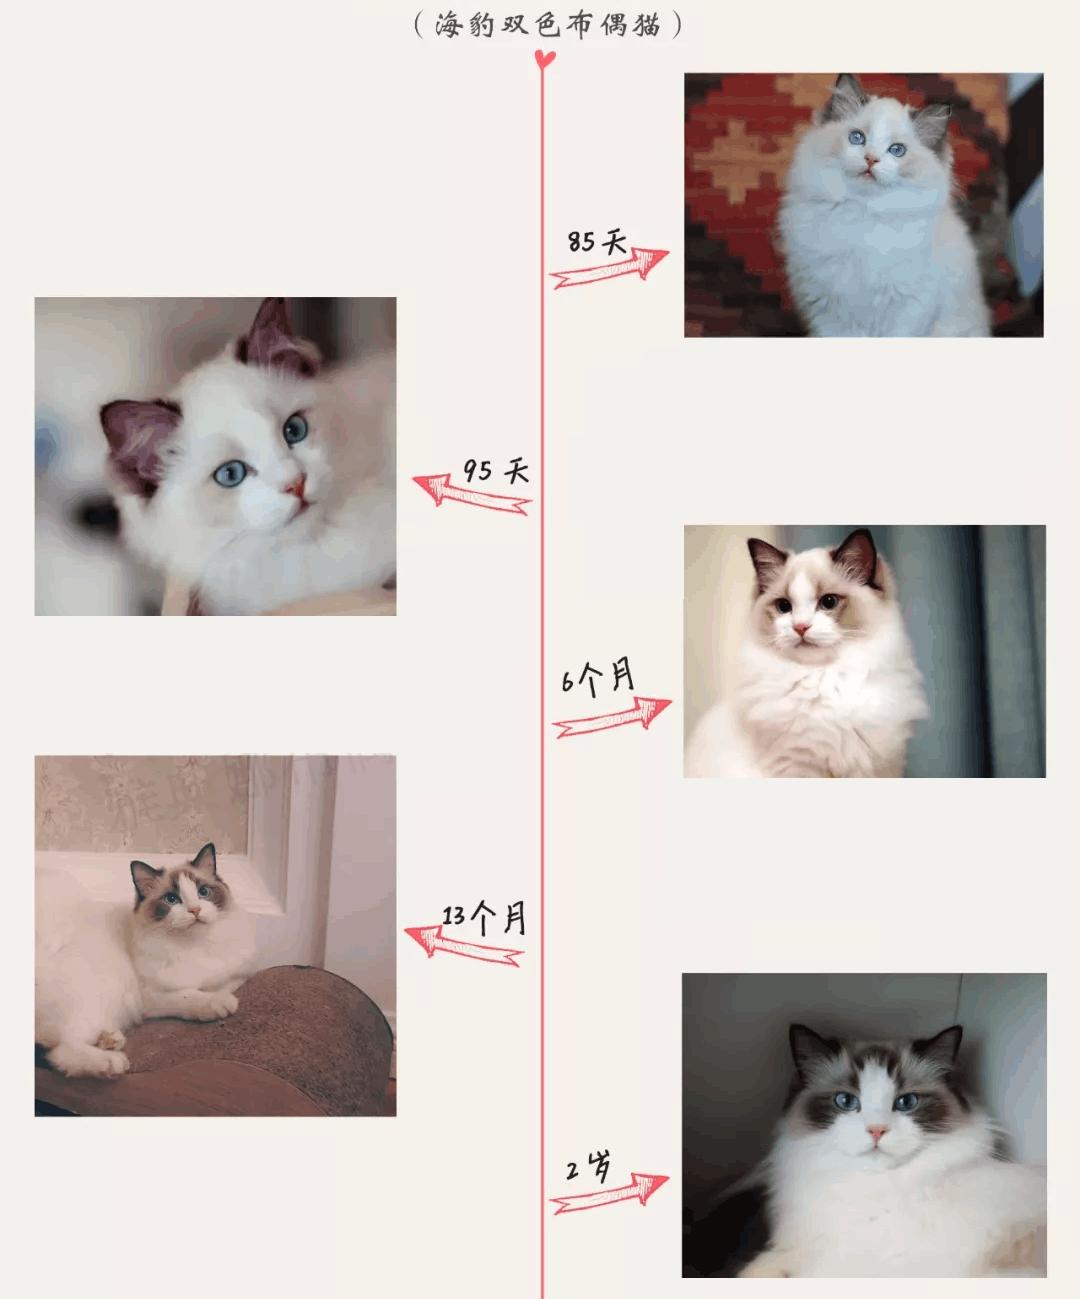 布偶猫变色图